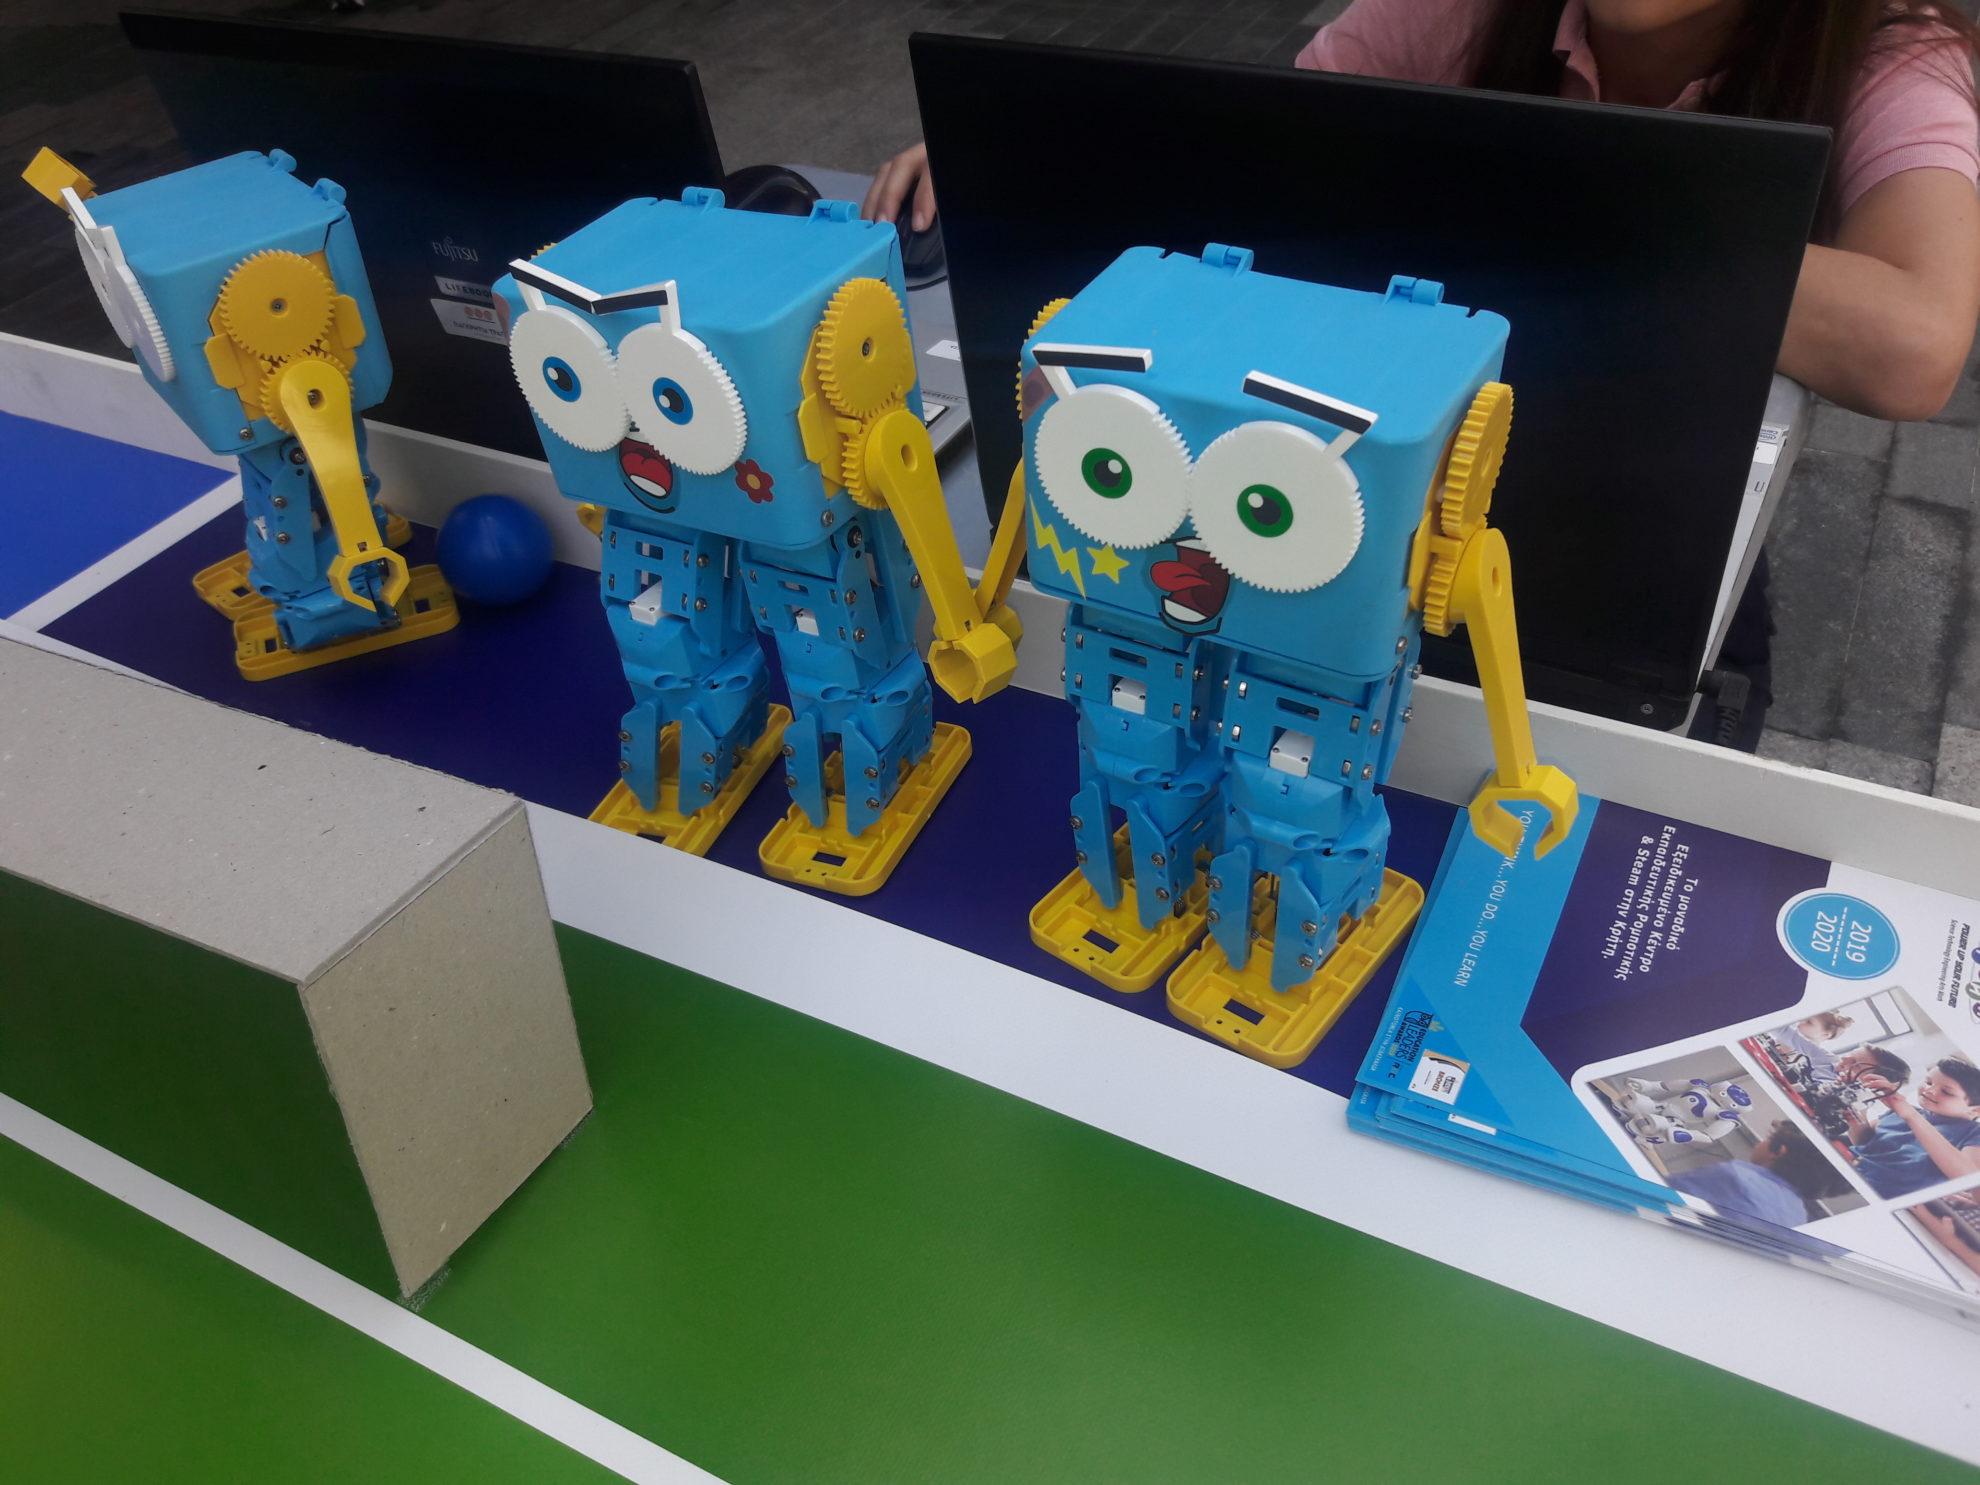 Πρωτάθλημα Ρομποτικής First Lego League στη Θεσσαλονίκη -Δηλώσεις Χαριστέα